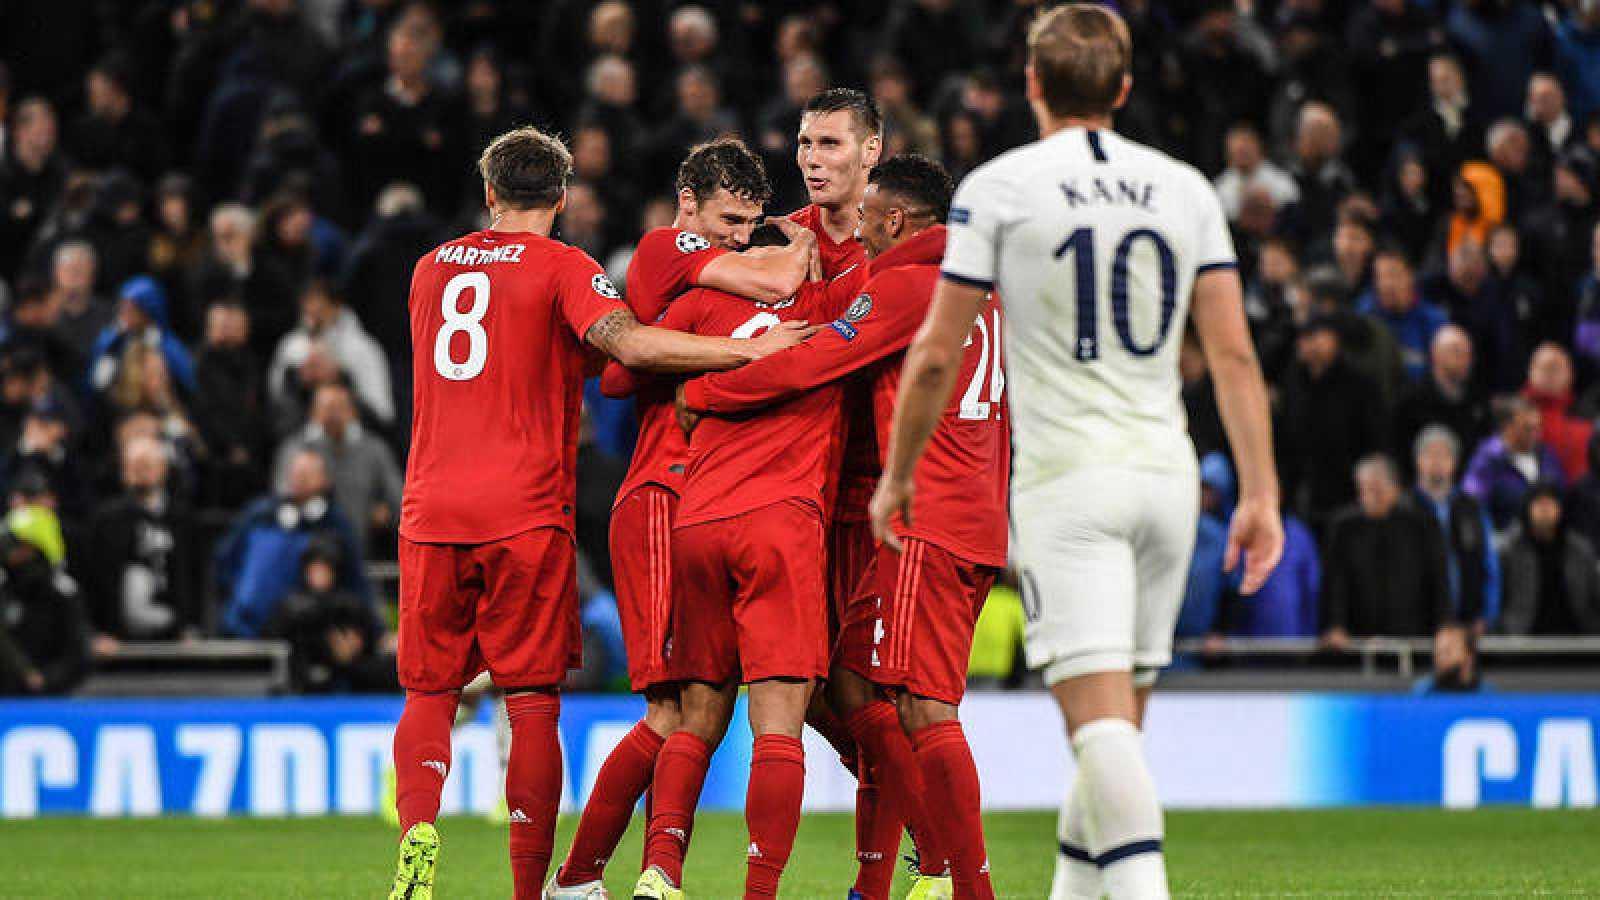 Los jugadores del Bayern celebran su goleada al Tottenham.